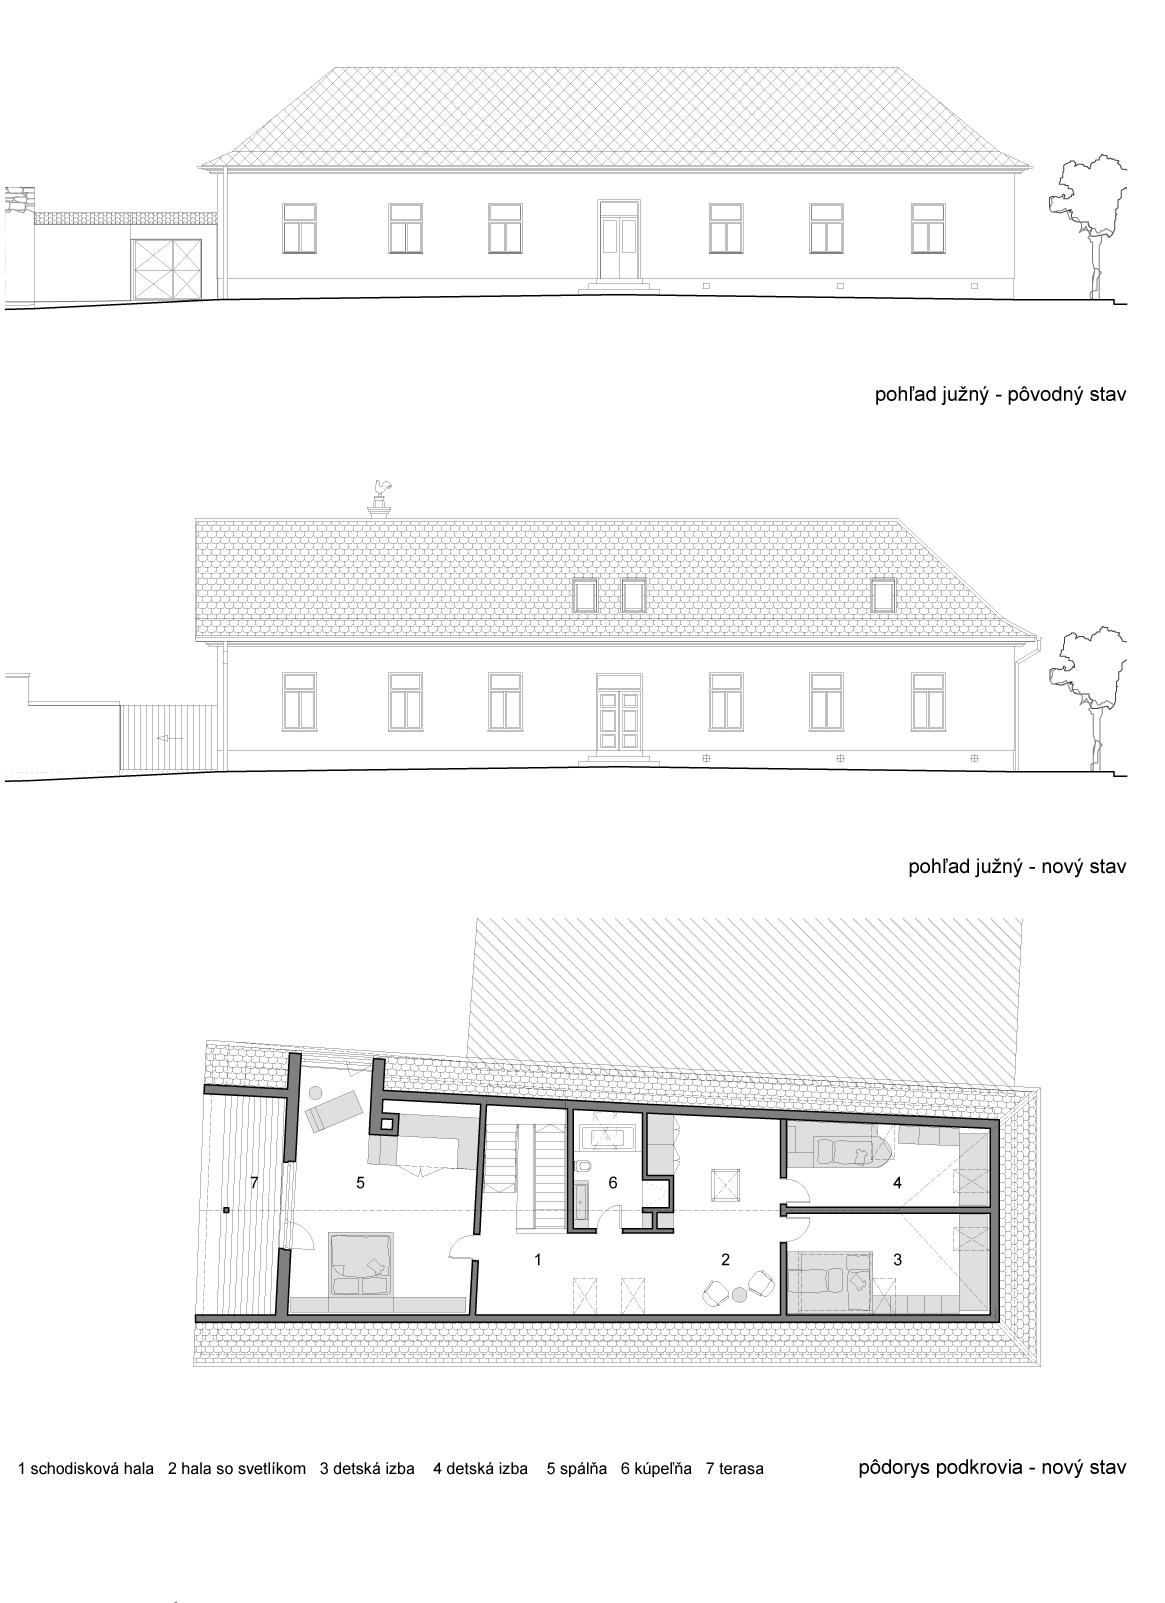 RD Levoca pdf vykresy 3